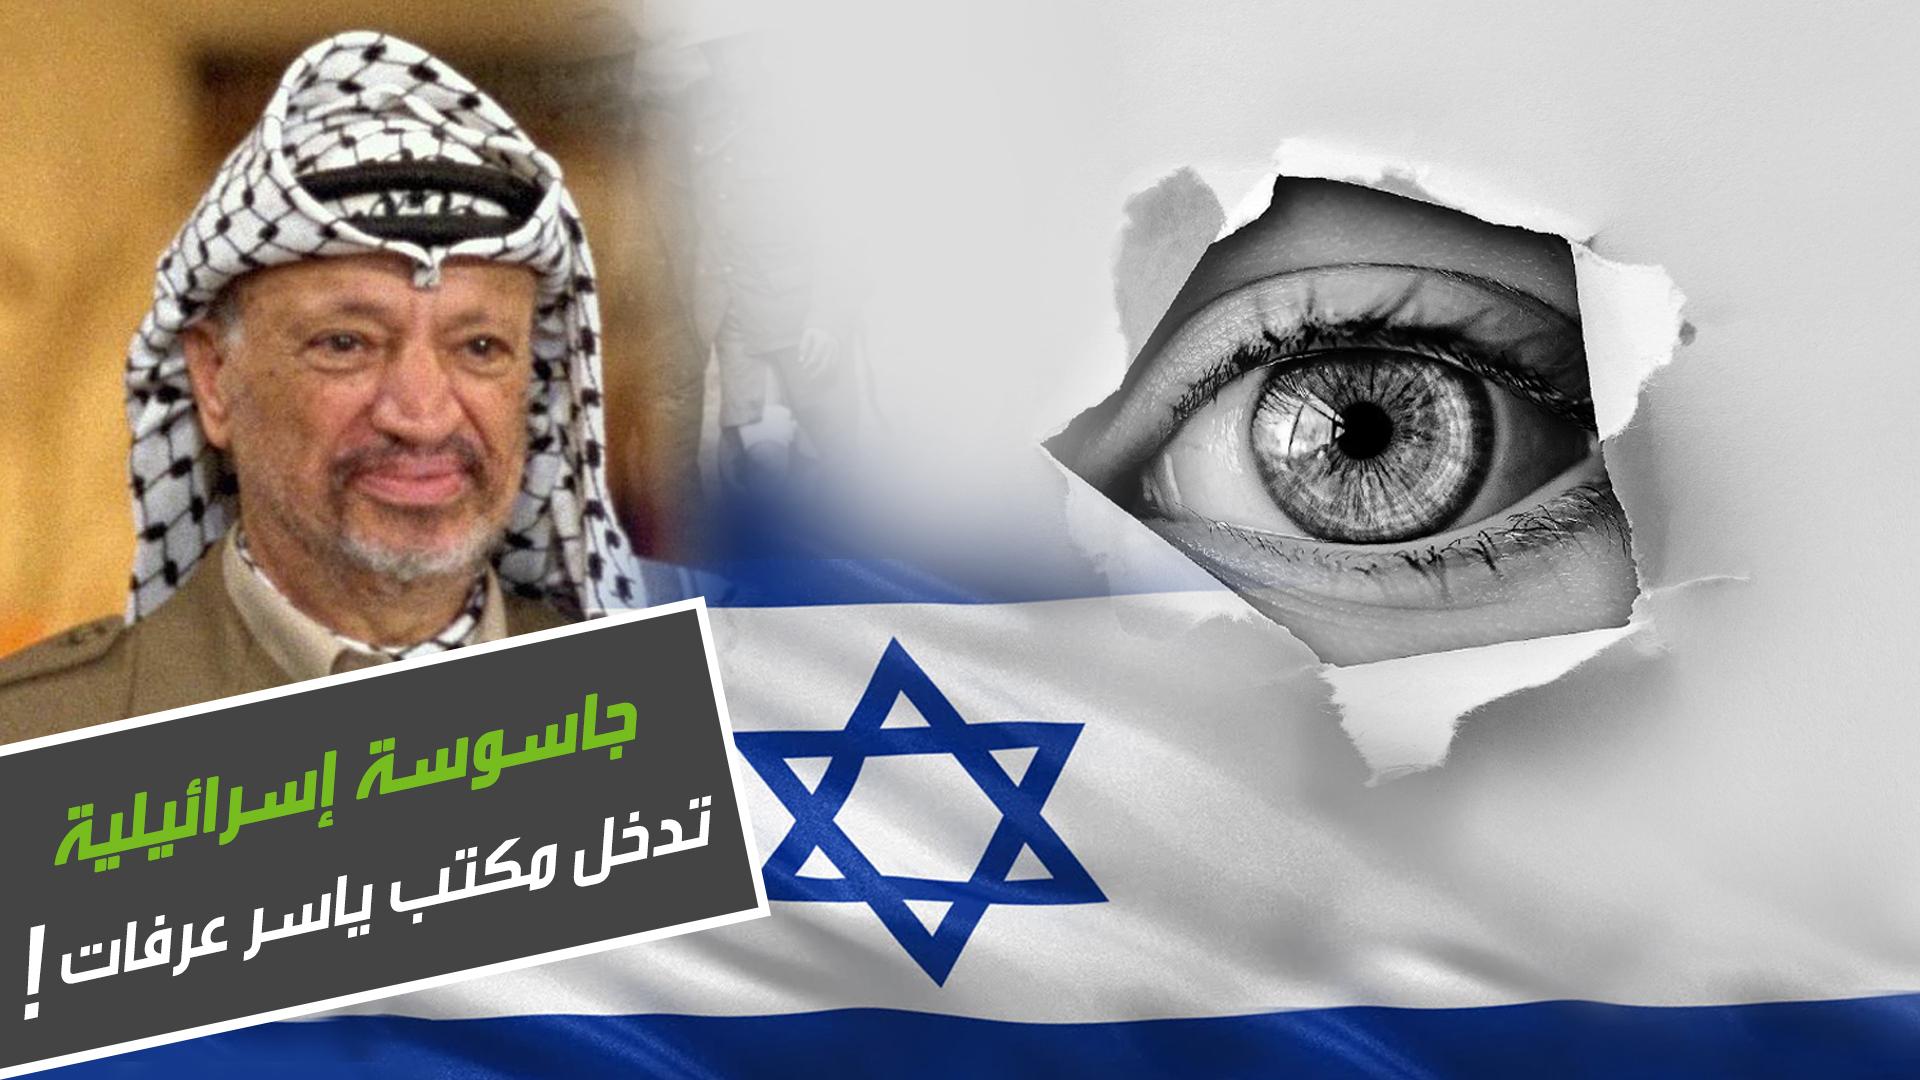 جاسوسة إسرائيلية خدعت عرفات وتجسست على الفلسطينيين